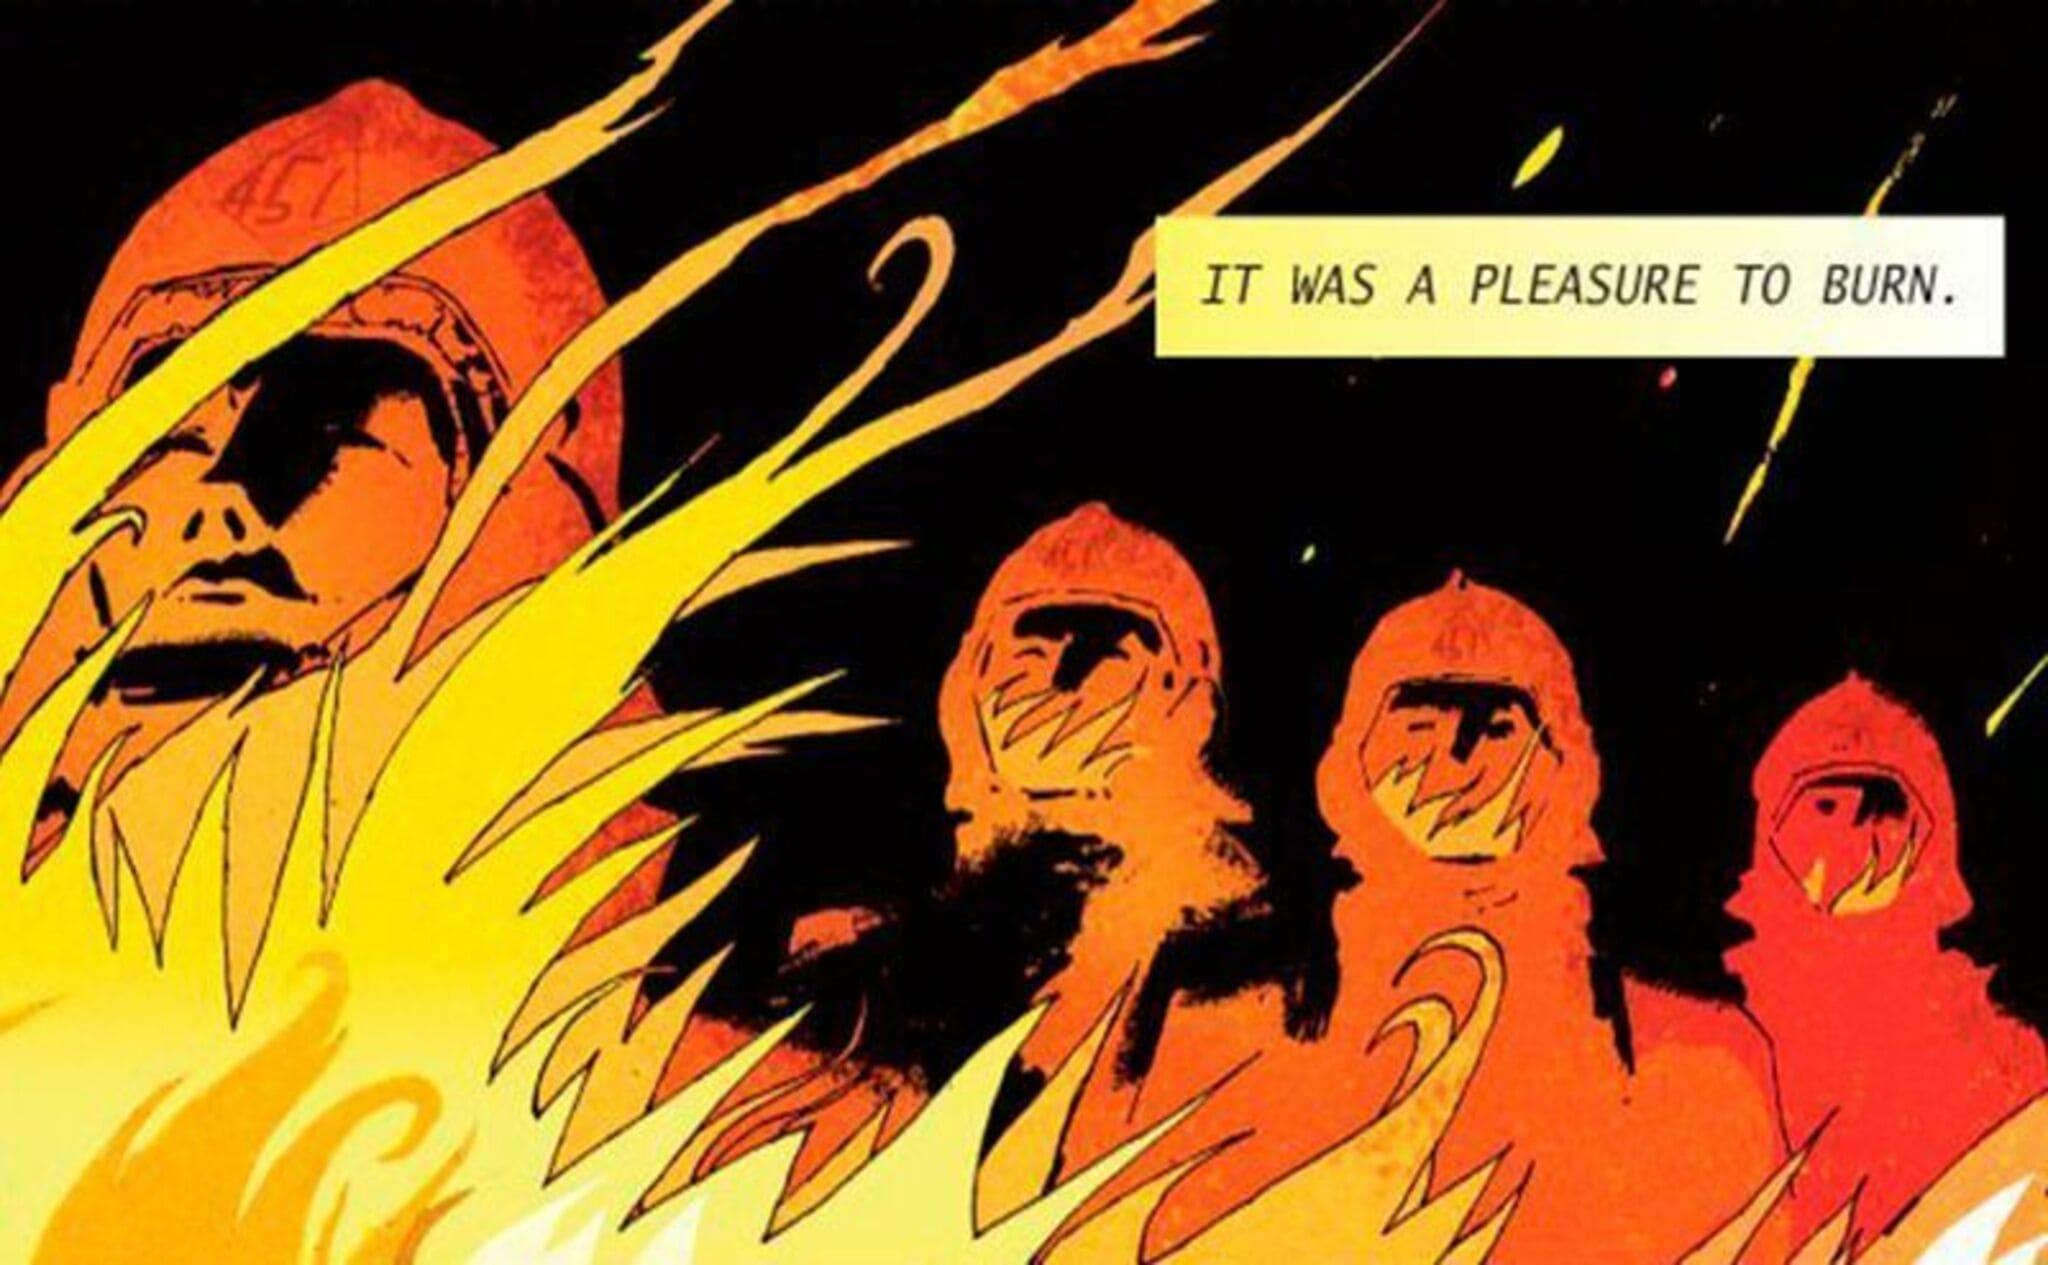 Era un placer quemar